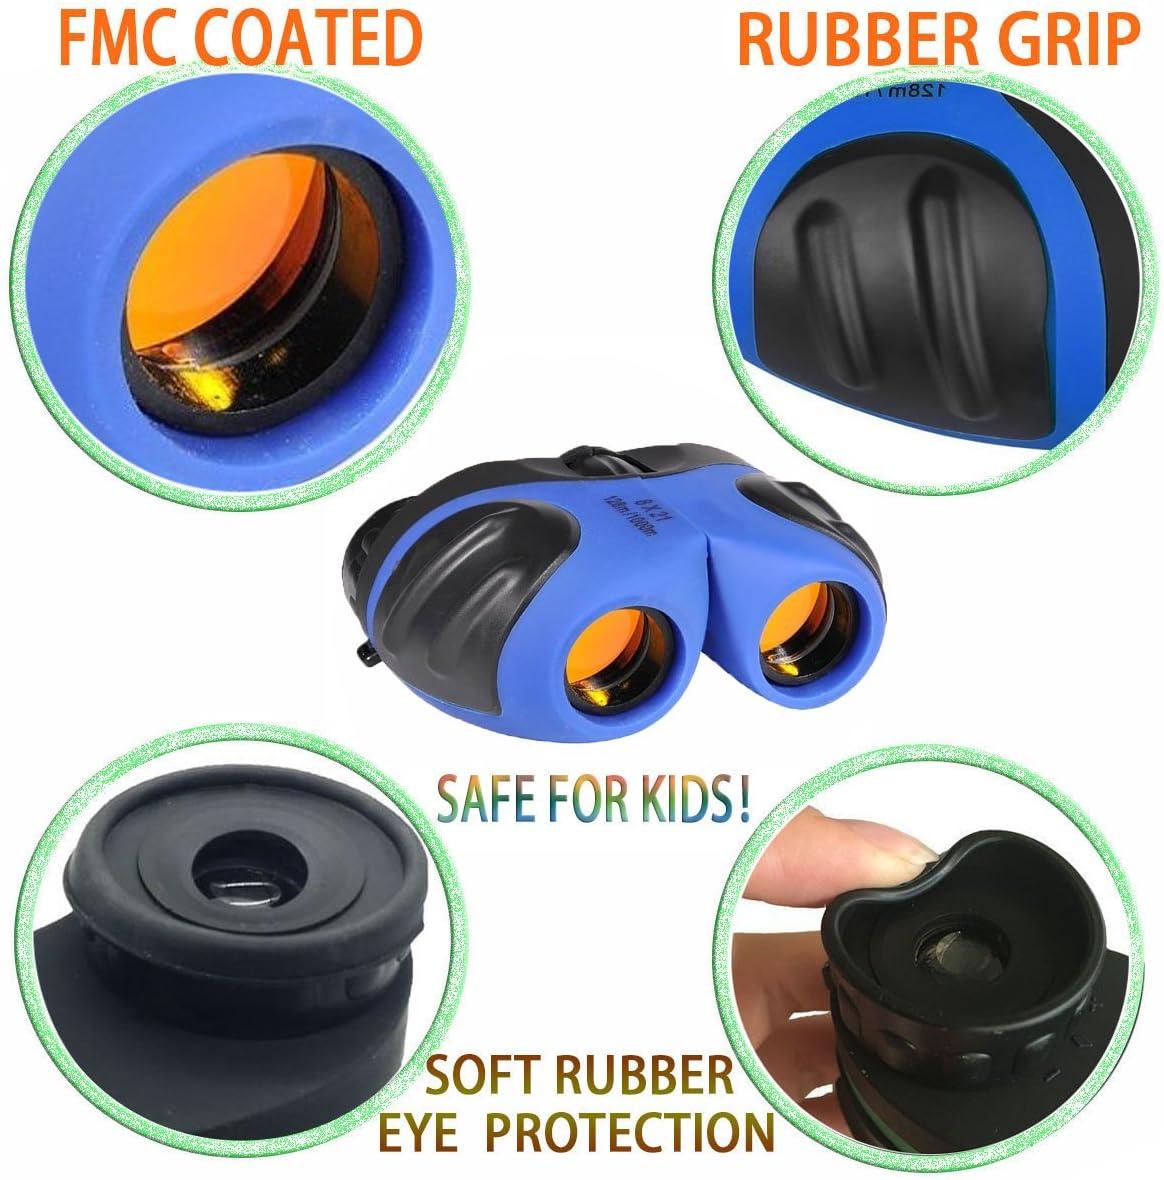 regalo y juguete a prueba de golpes y compacto SOKY Binocular impermeable para ni/ños